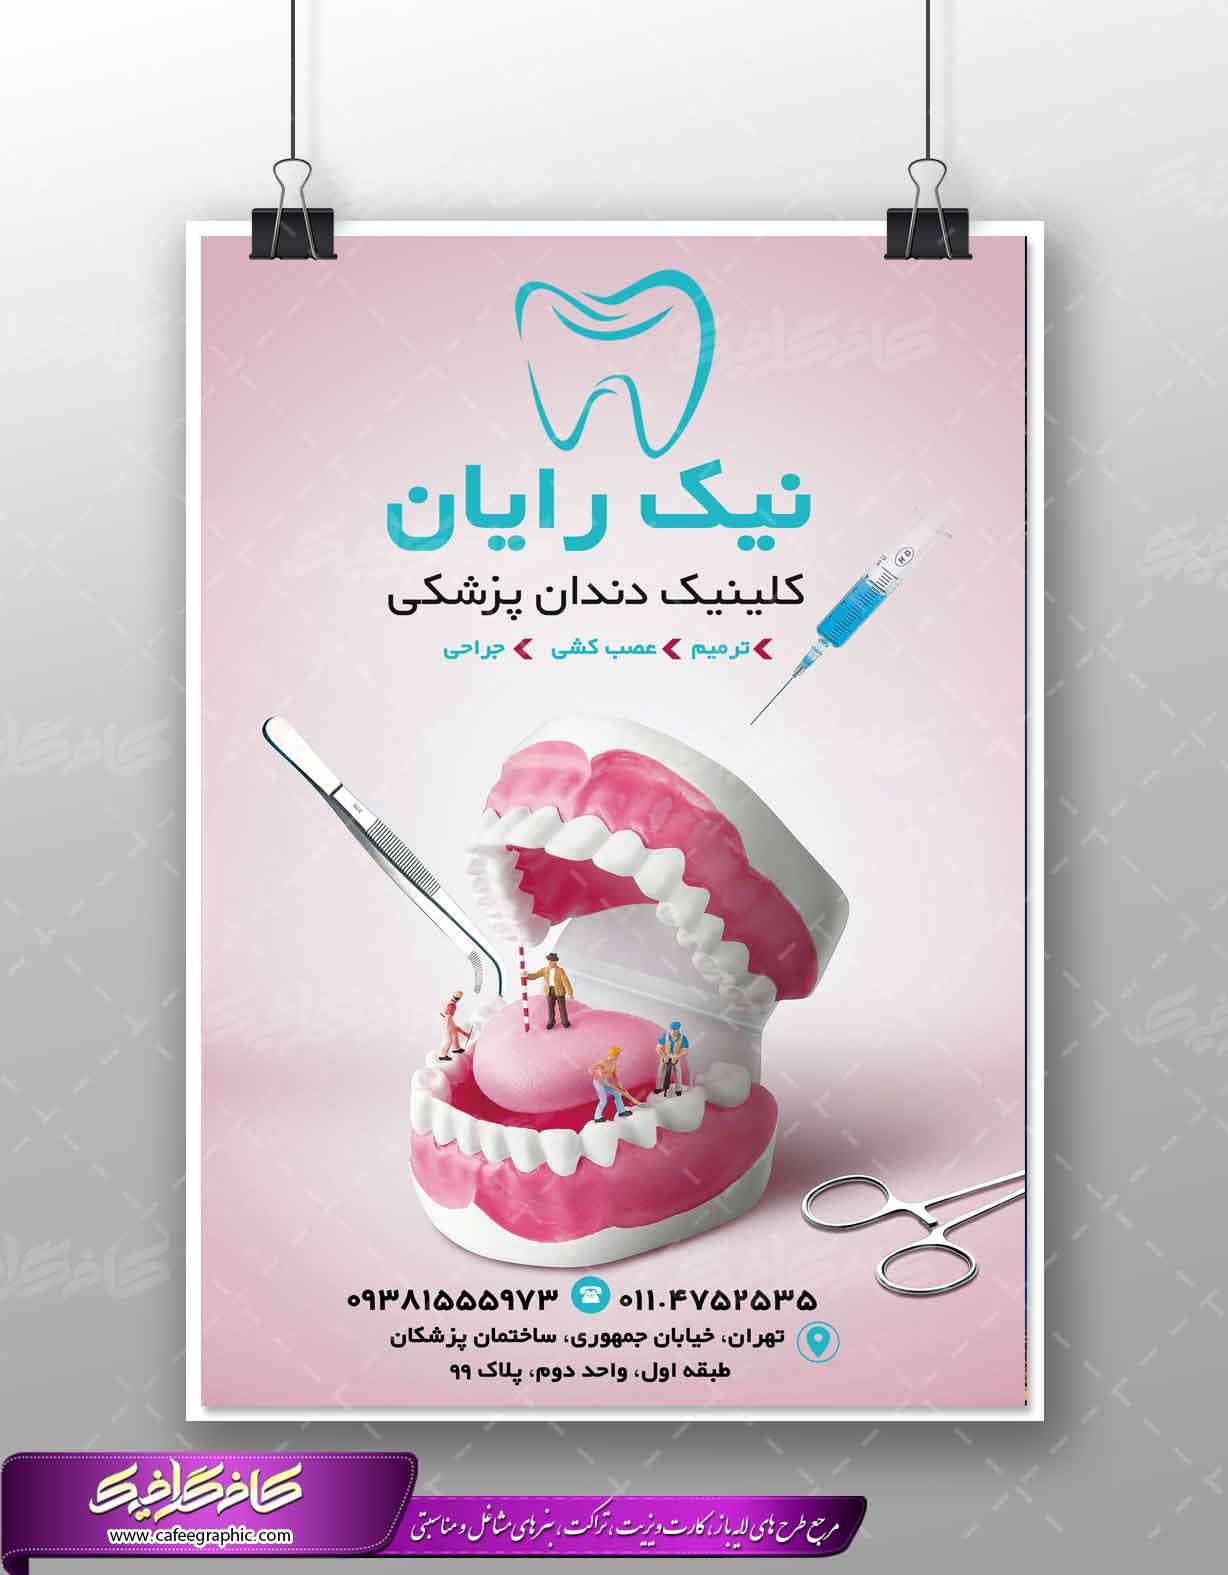 طرح لایه باز تراکت کلینیک دندانپزشکی